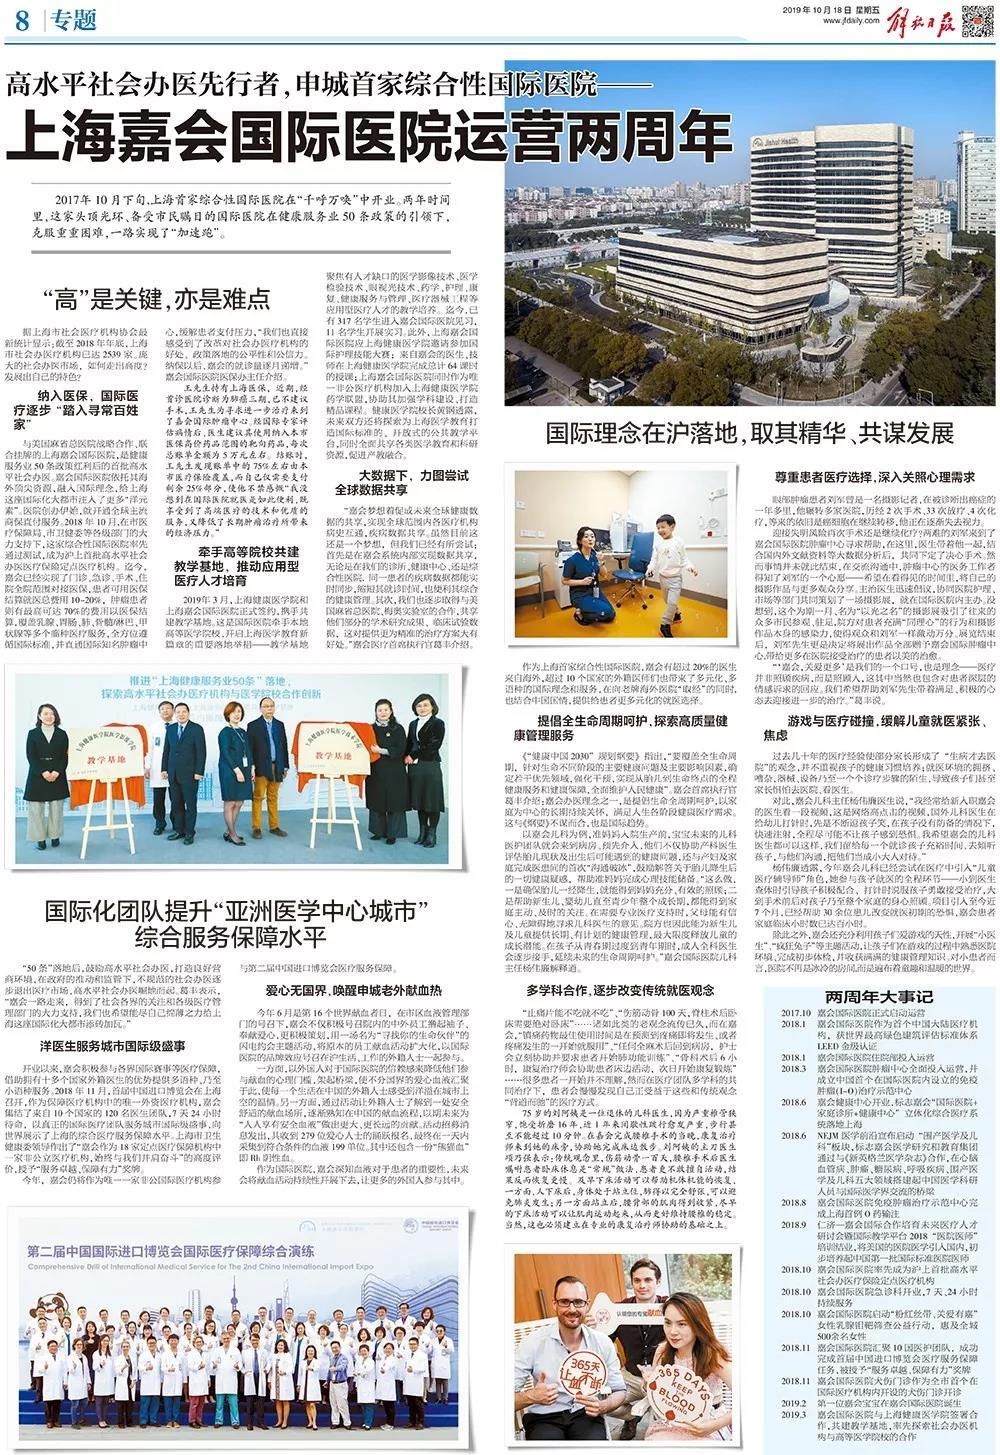 上海嘉会国际医院盘点2019发展关键词